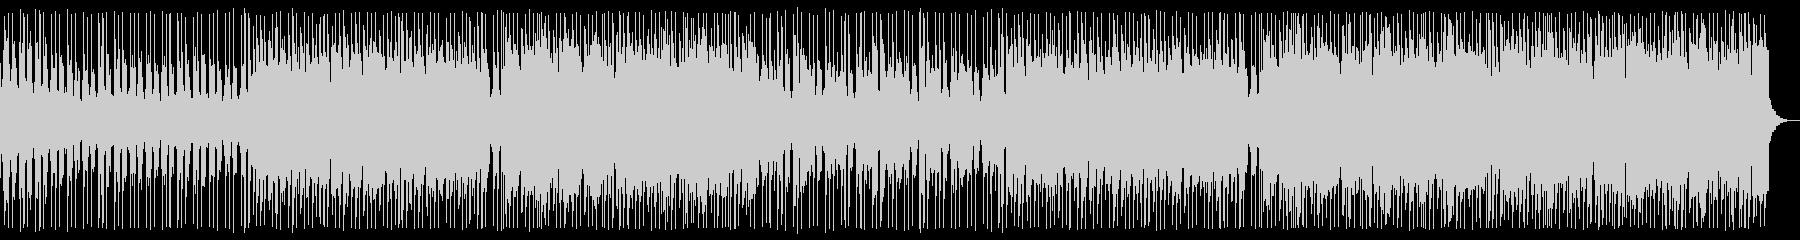 ディープハウス_No668_1の未再生の波形